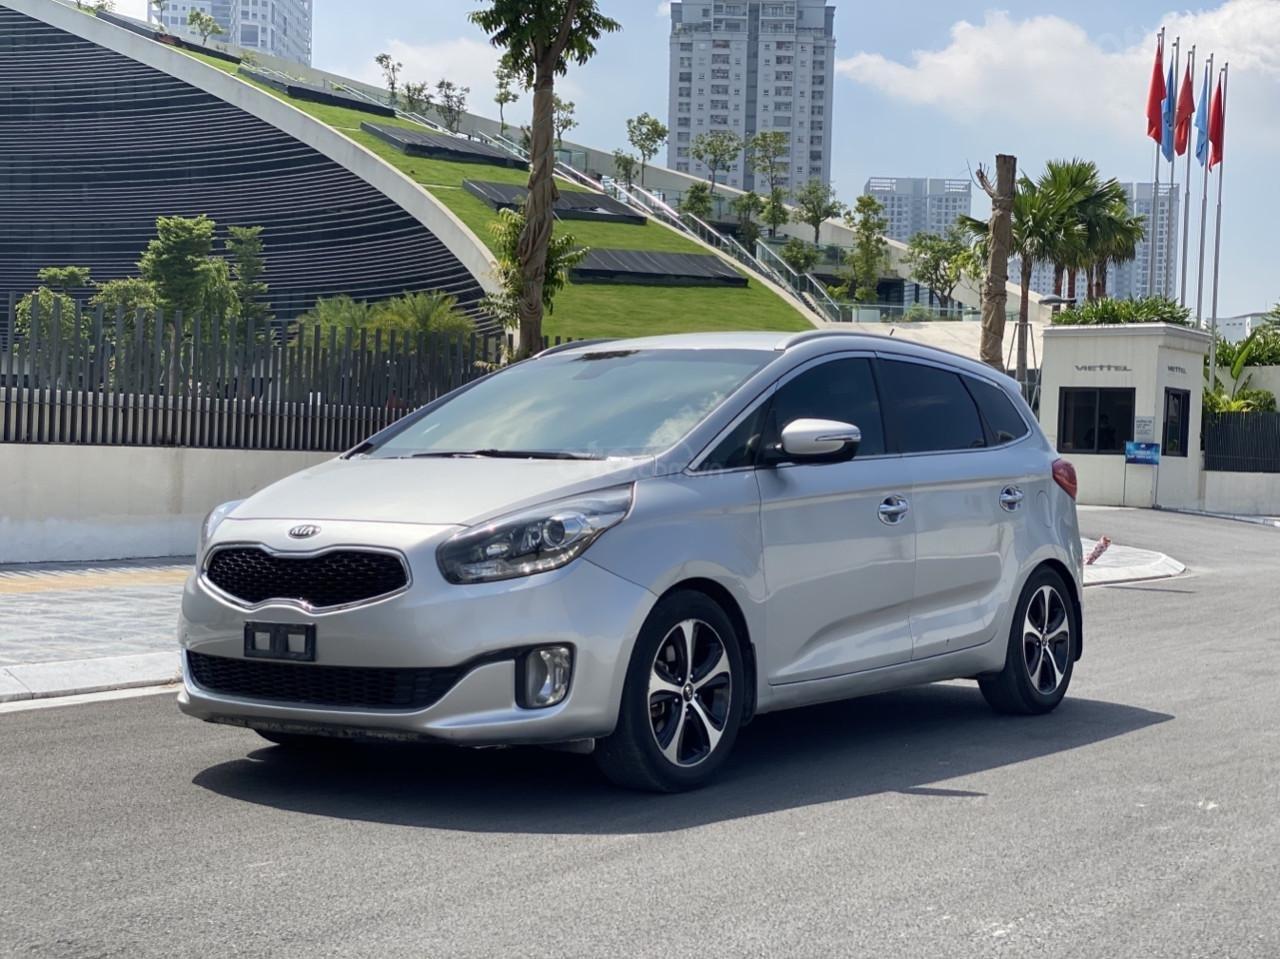 Cần bán xe Kia Rondo SX 2016, màu bạc, nội thất đen, máy dầu (1)